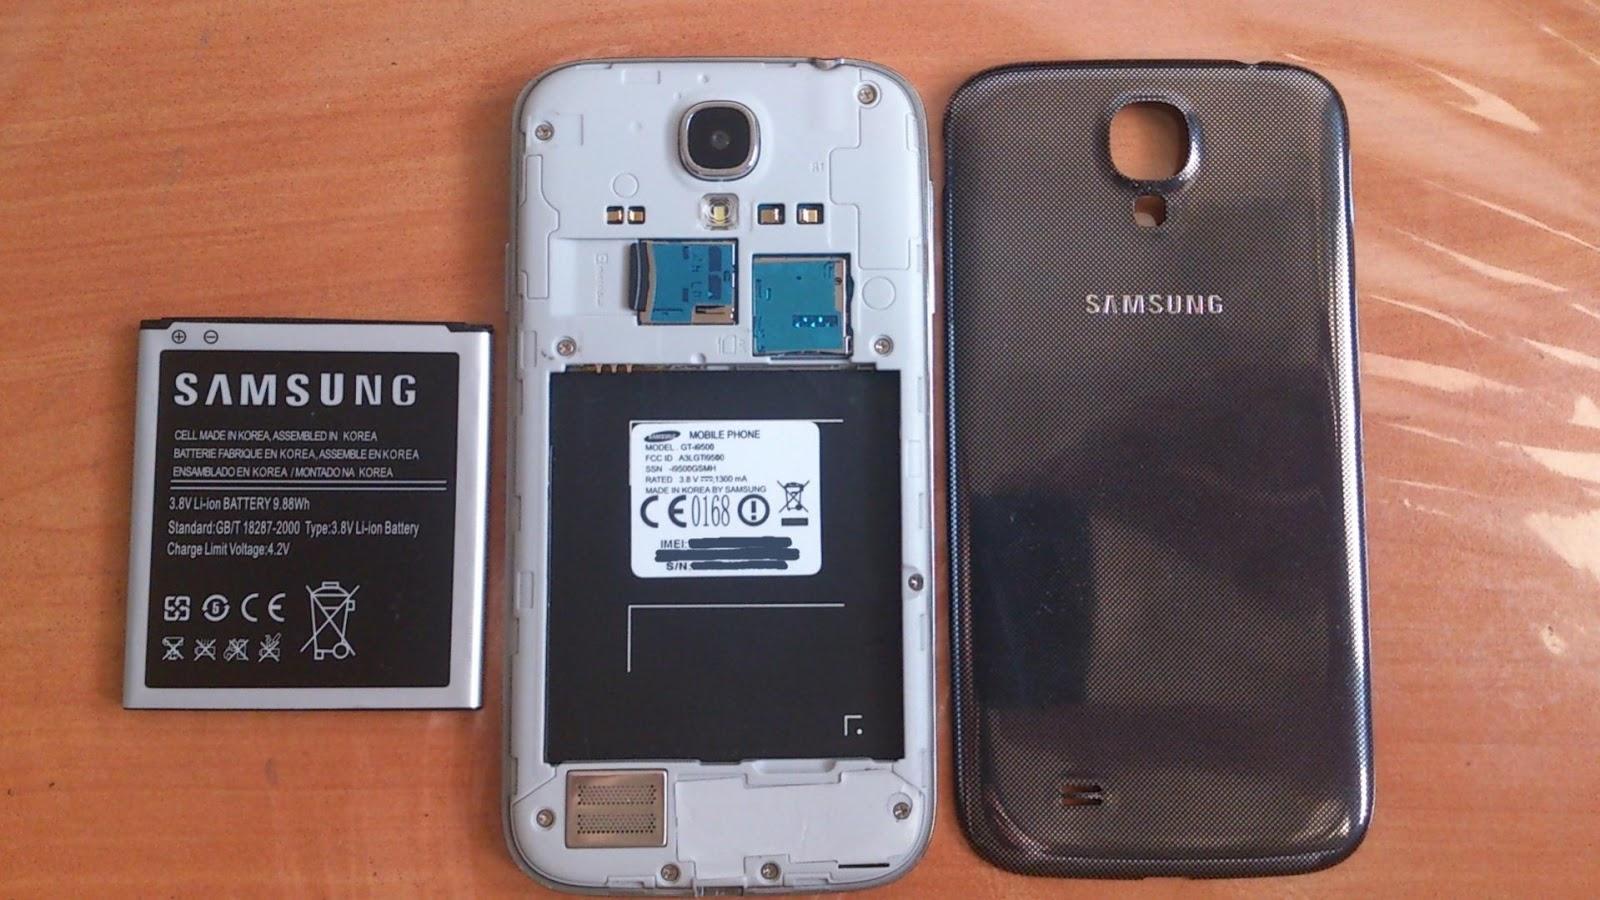 Самсунг галакси а3 конструкция тип корпуса samsung s4 6589 классический материал корпуса пластик количество sim-карт 1 тип sim-карты micro-sim